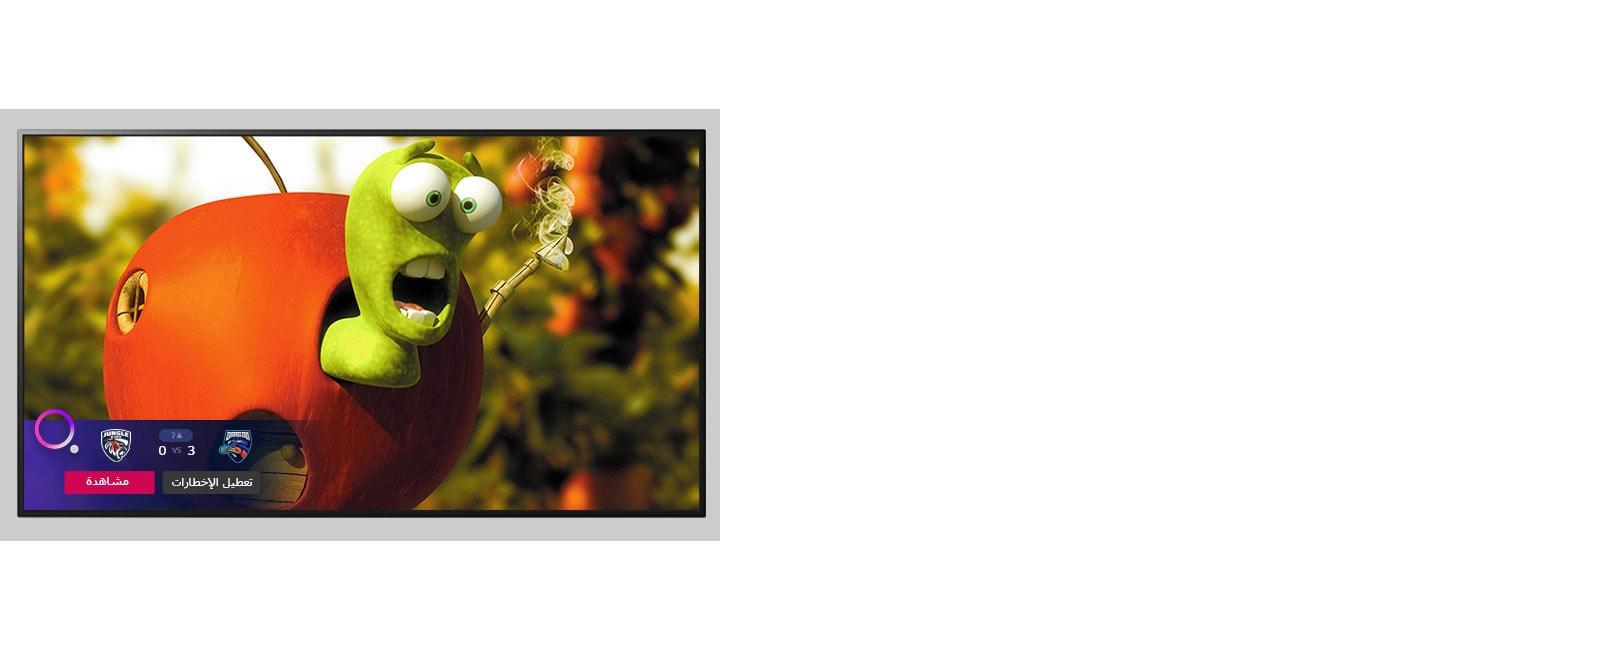 أحد التلفزيونات يعرض شخصية كرتونية متحركة وتنبيها رياضيا في الجزء السفلي من الشاشة.